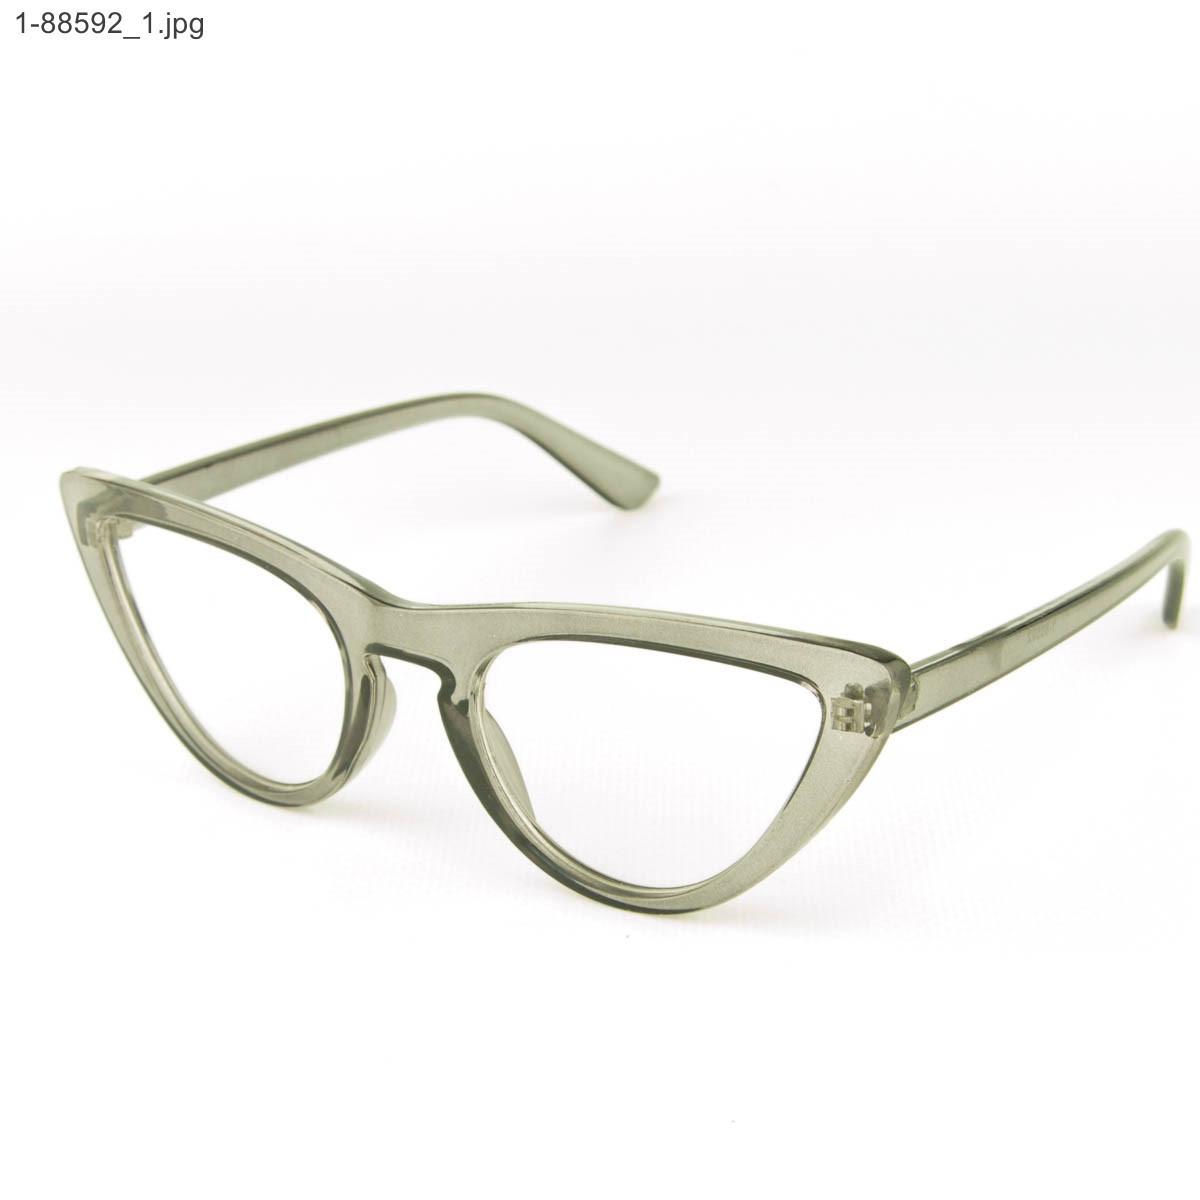 Оптом имиджевые женские очки кошачий глаз - Серые - 1-88592